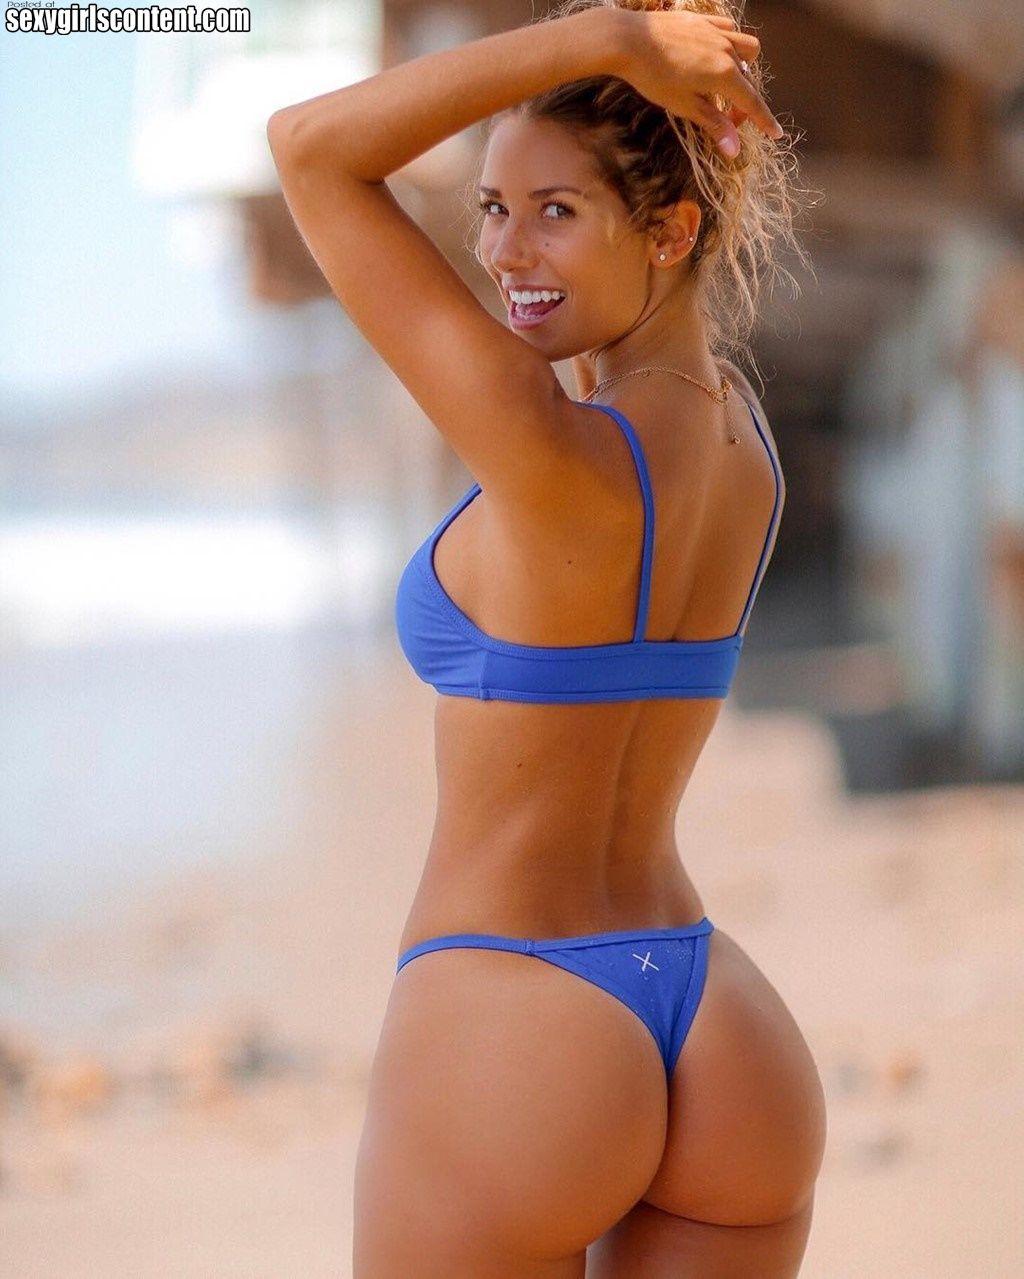 Sexy bikini ass Hot